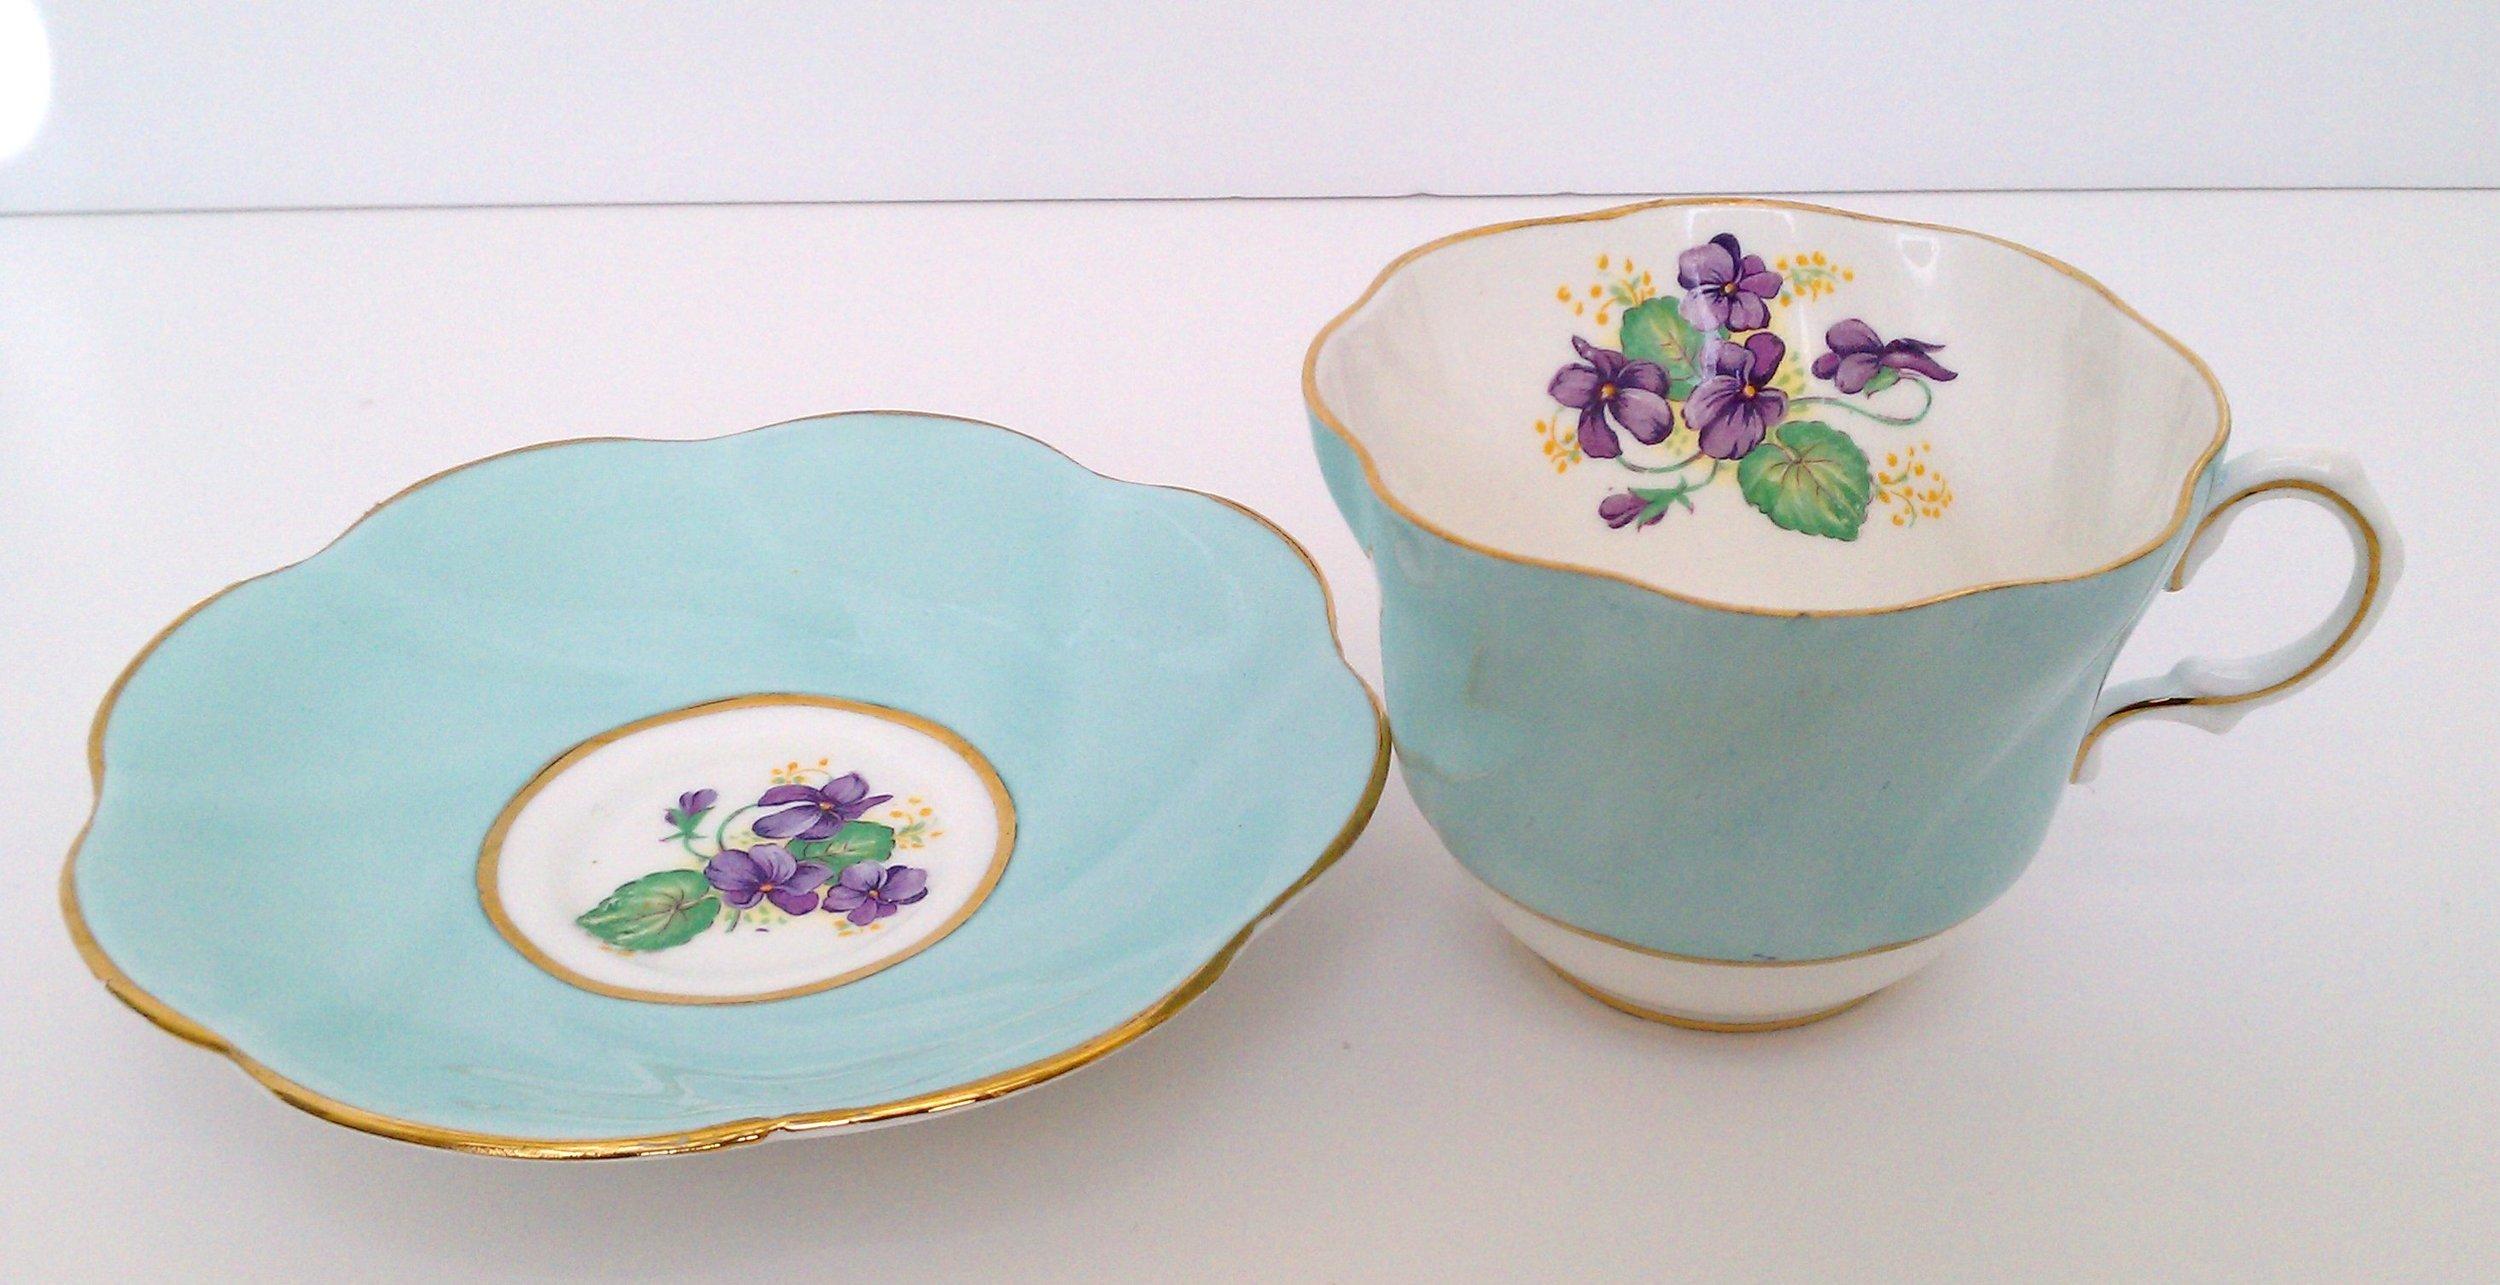 Royal Taunton China ... bone china made in England ... violets pattern